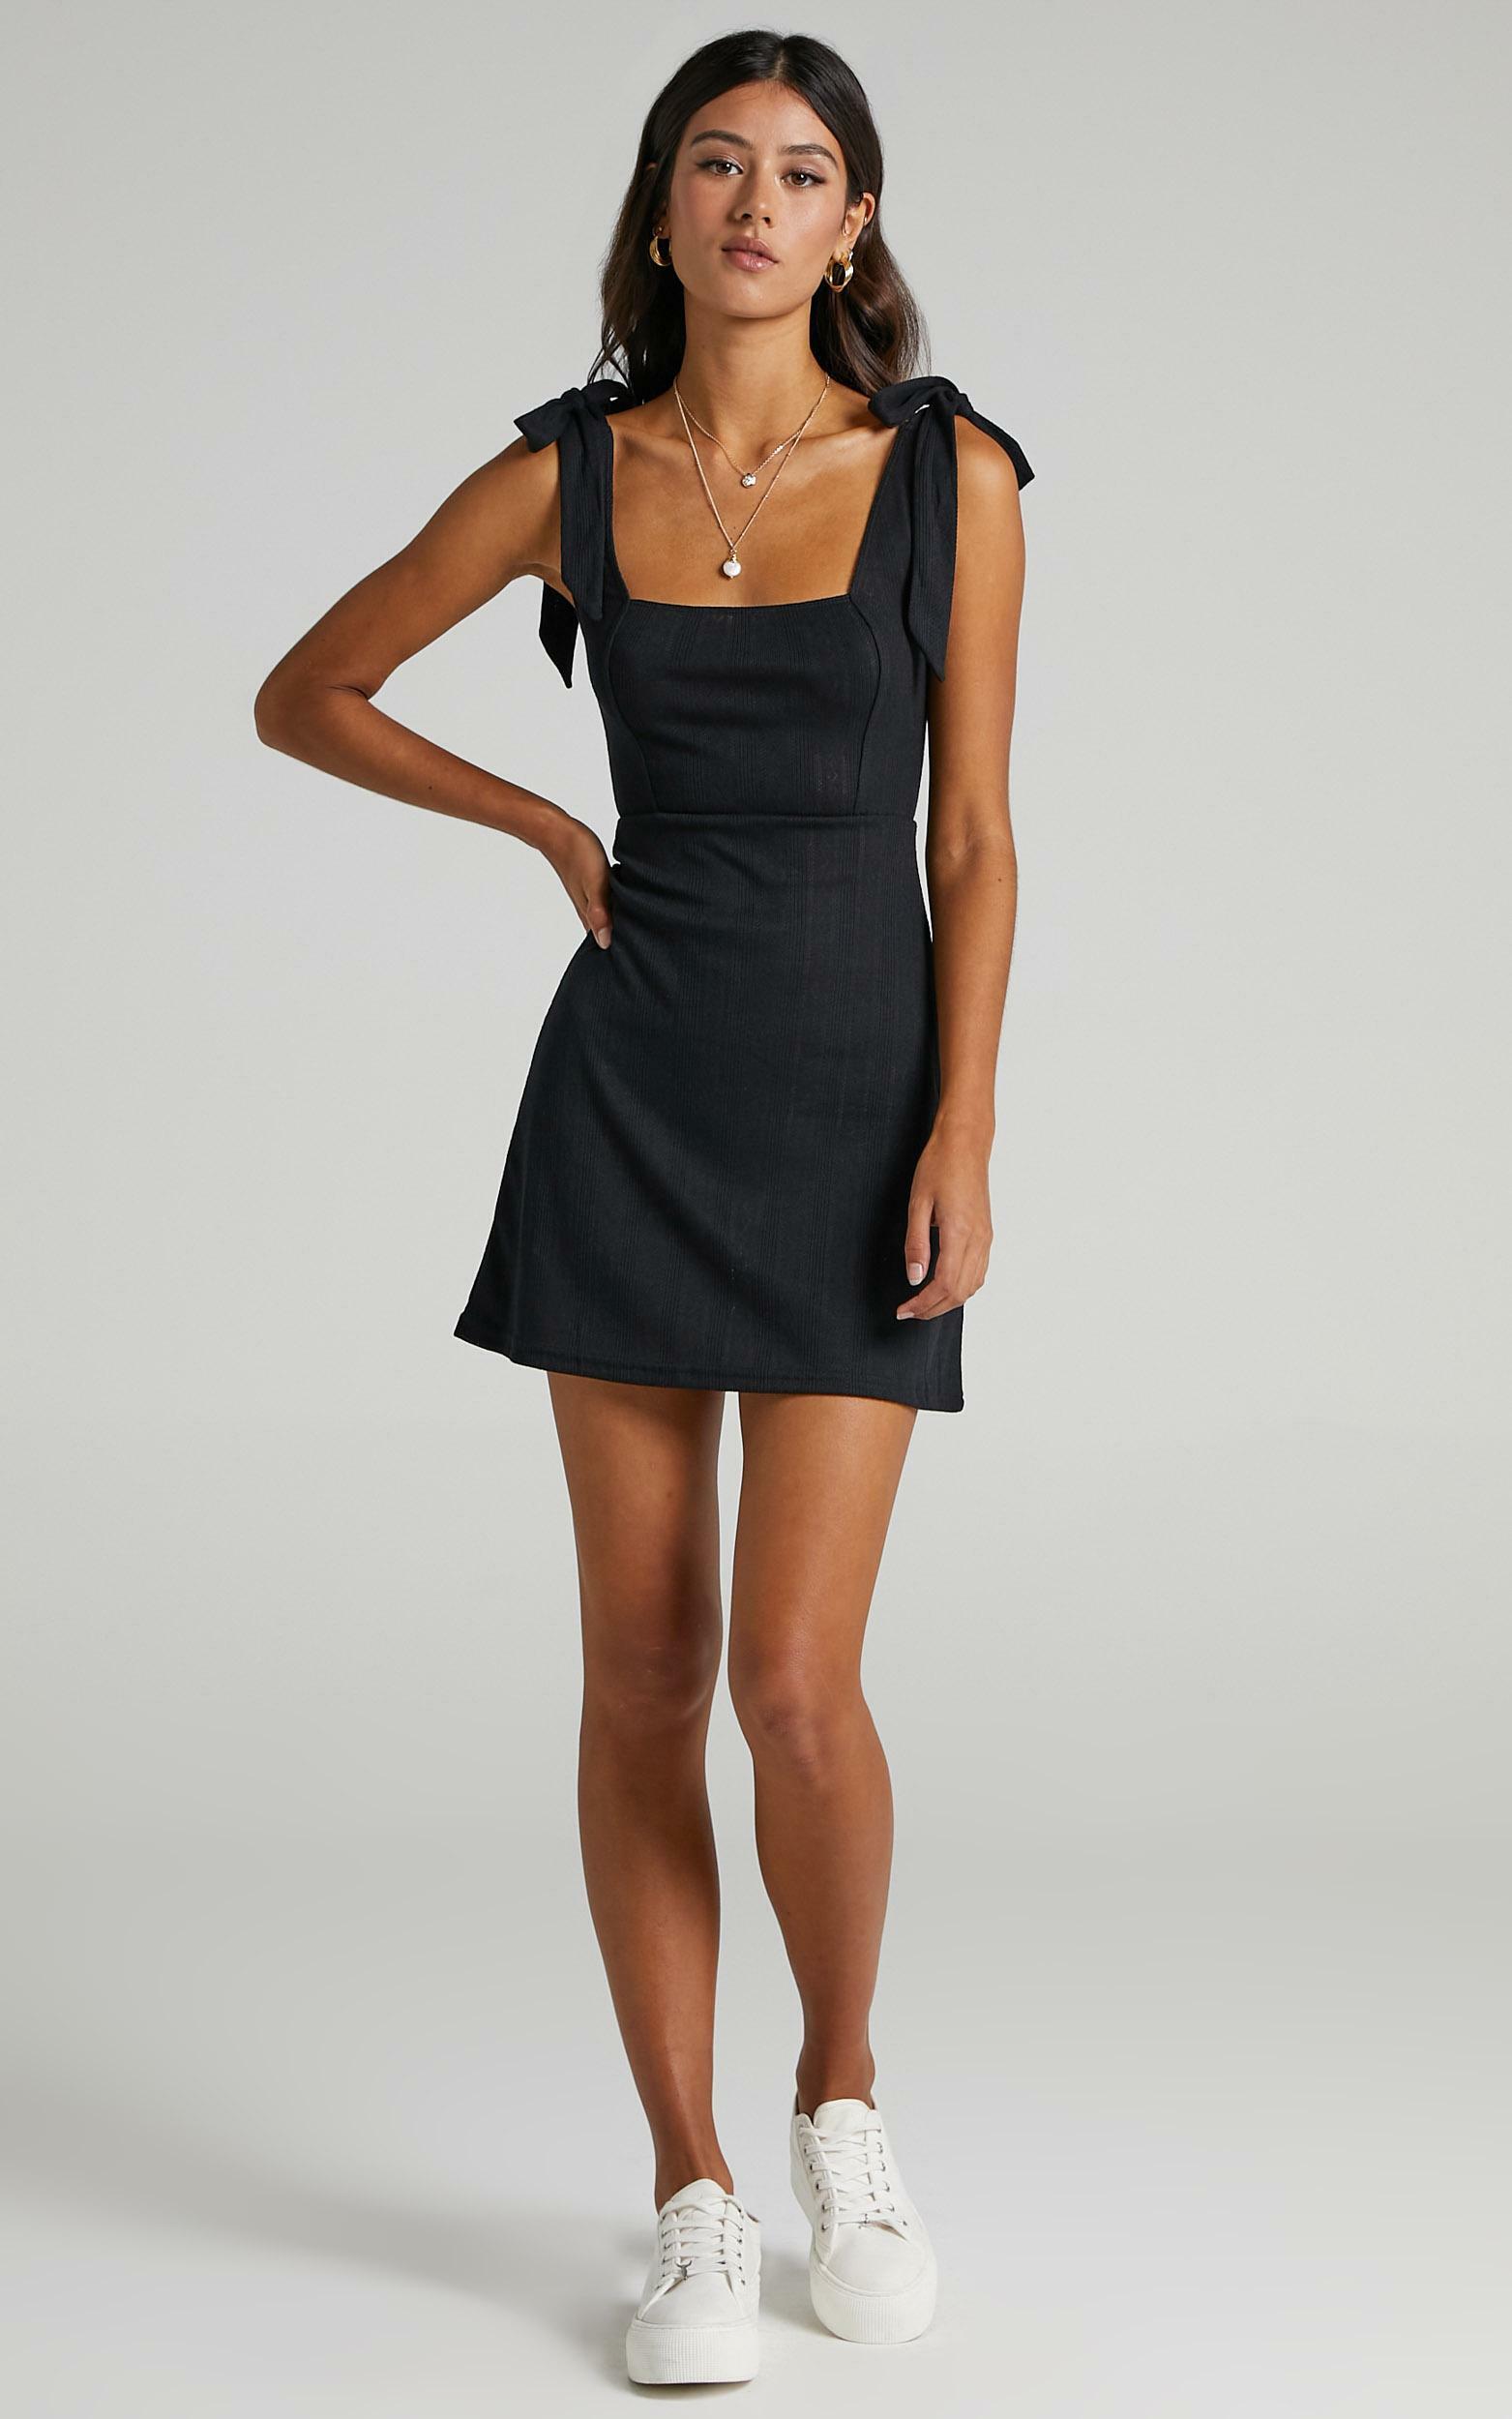 Sadira Dress in Black - 6 (XS), Black, hi-res image number null